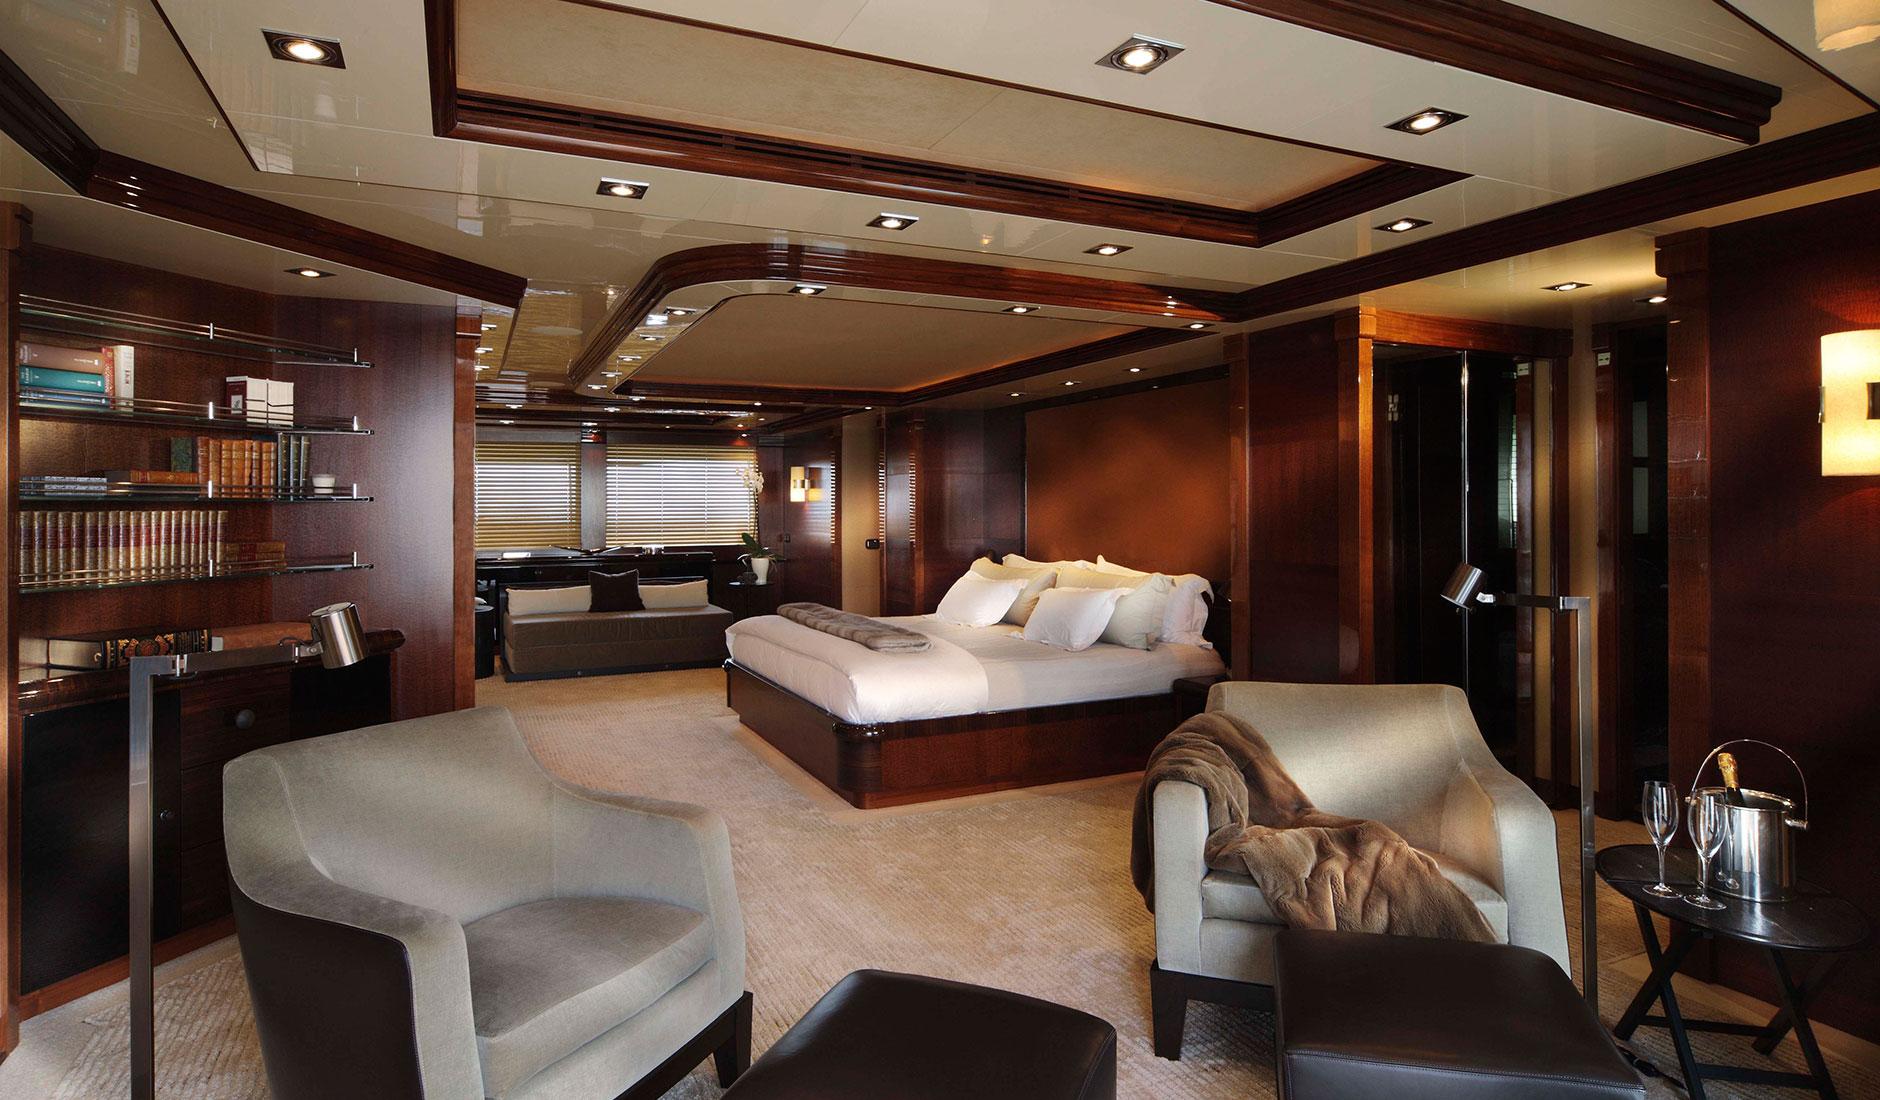 Yacht Azteca Crn Superyacht Charterworld Luxury